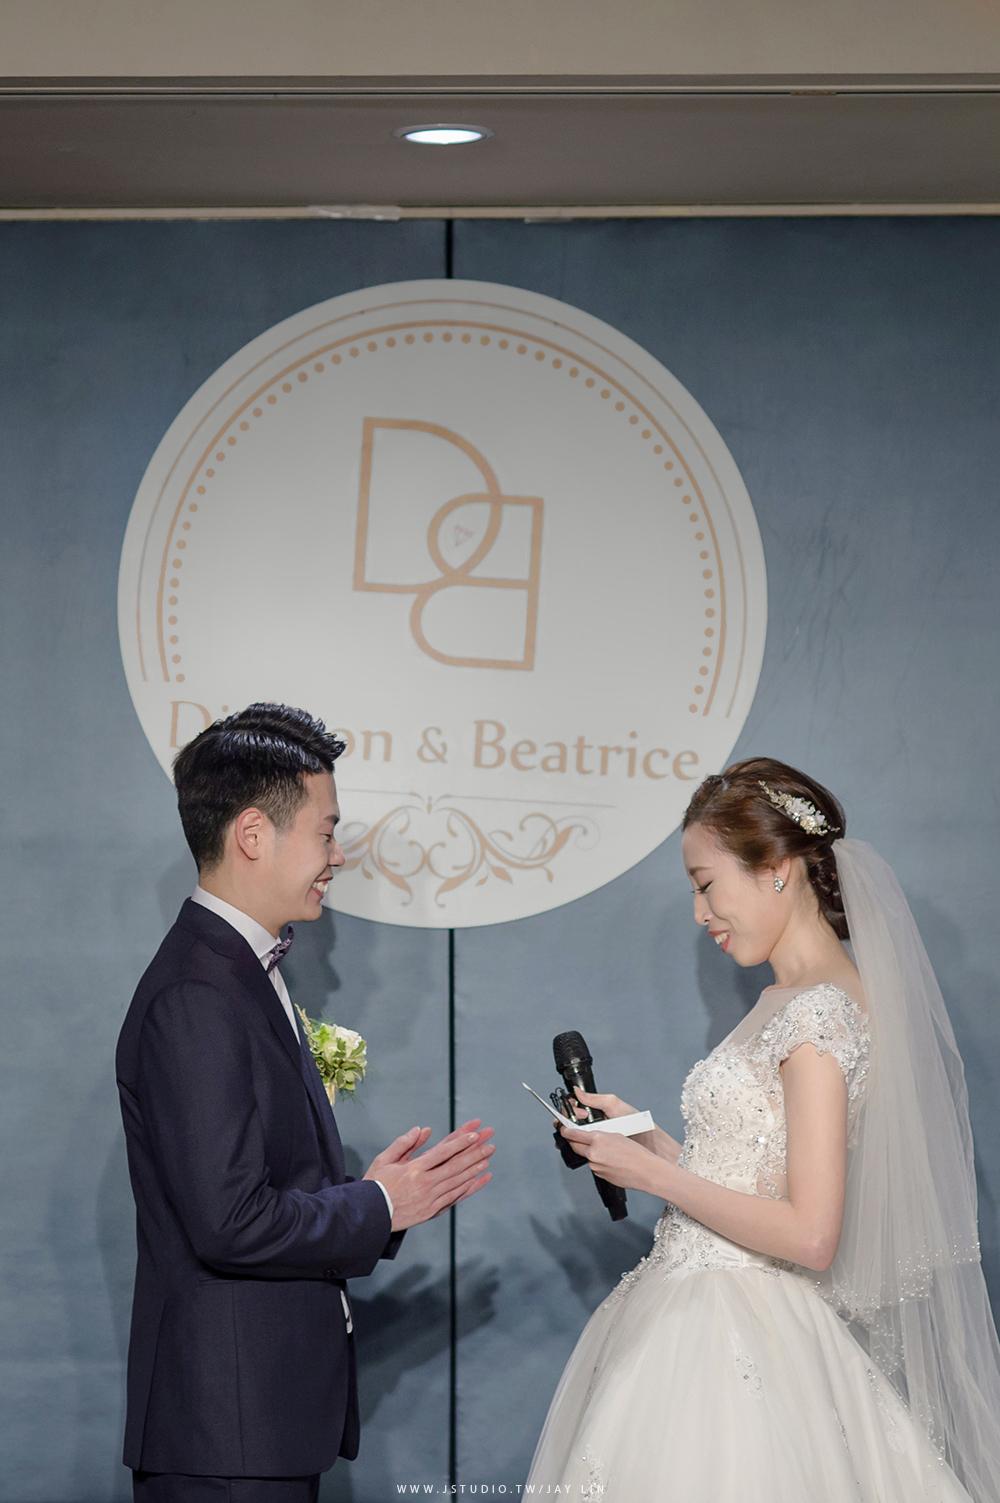 婚攝 DICKSON BEATRICE 香格里拉台北遠東國際大飯店 JSTUDIO_0074